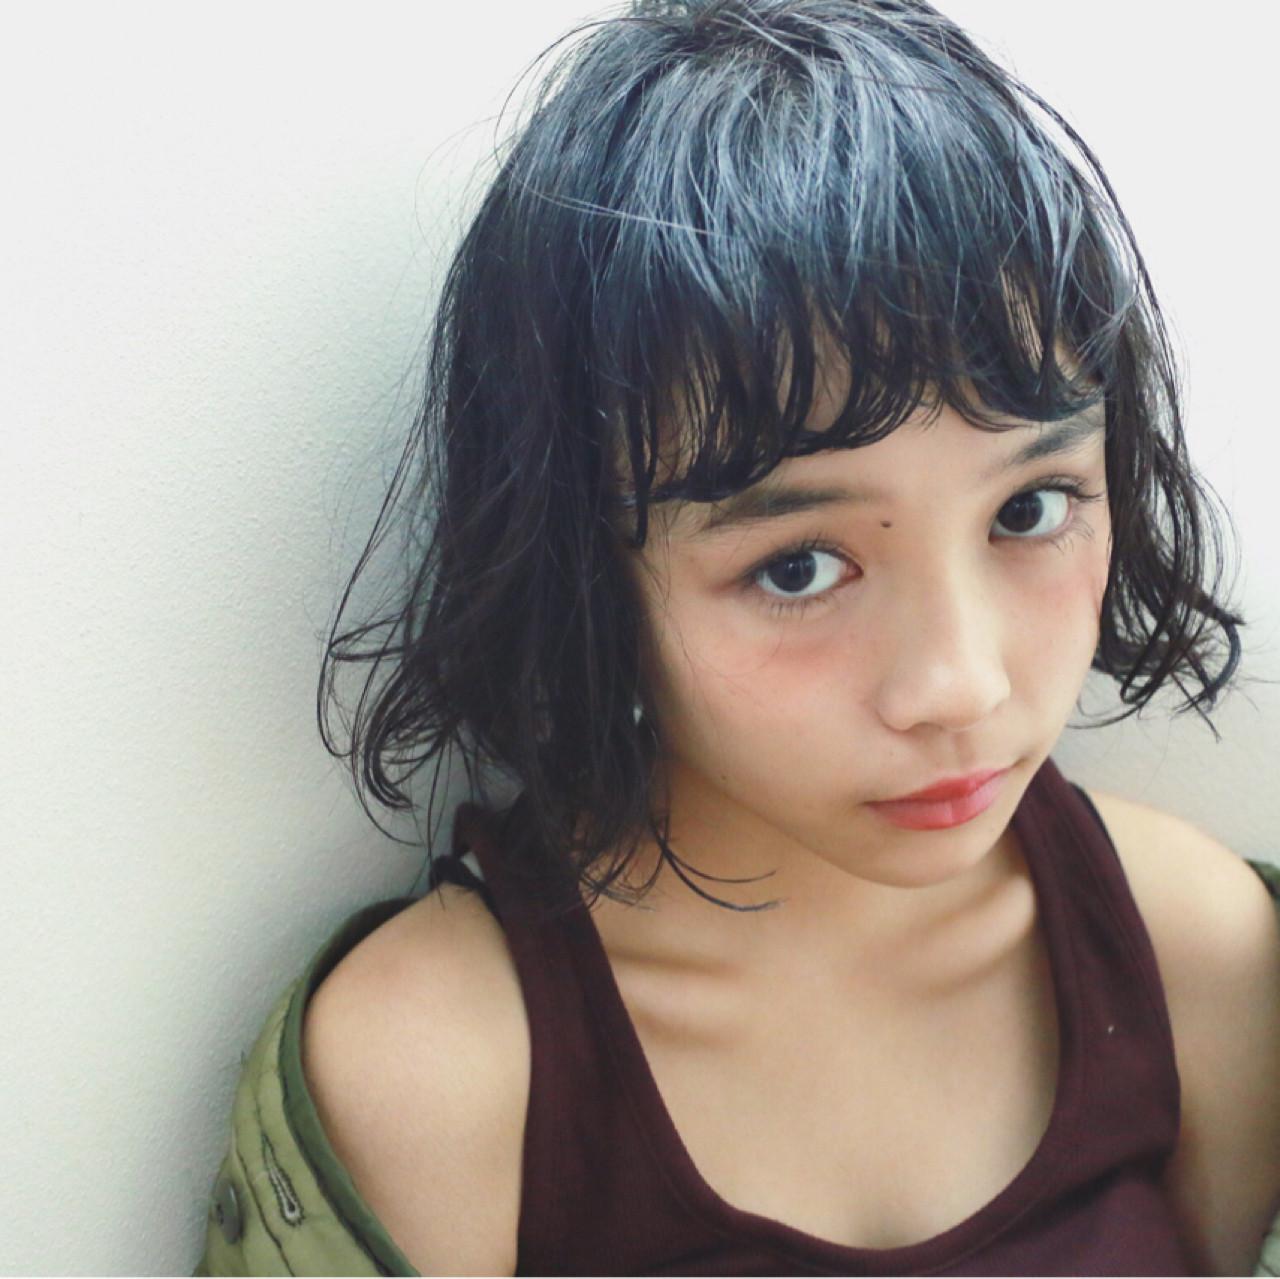 モテを呼び込む前髪パーマ。忙しい朝とはおさらば☆ 高橋 忍 / nanuk渋谷店